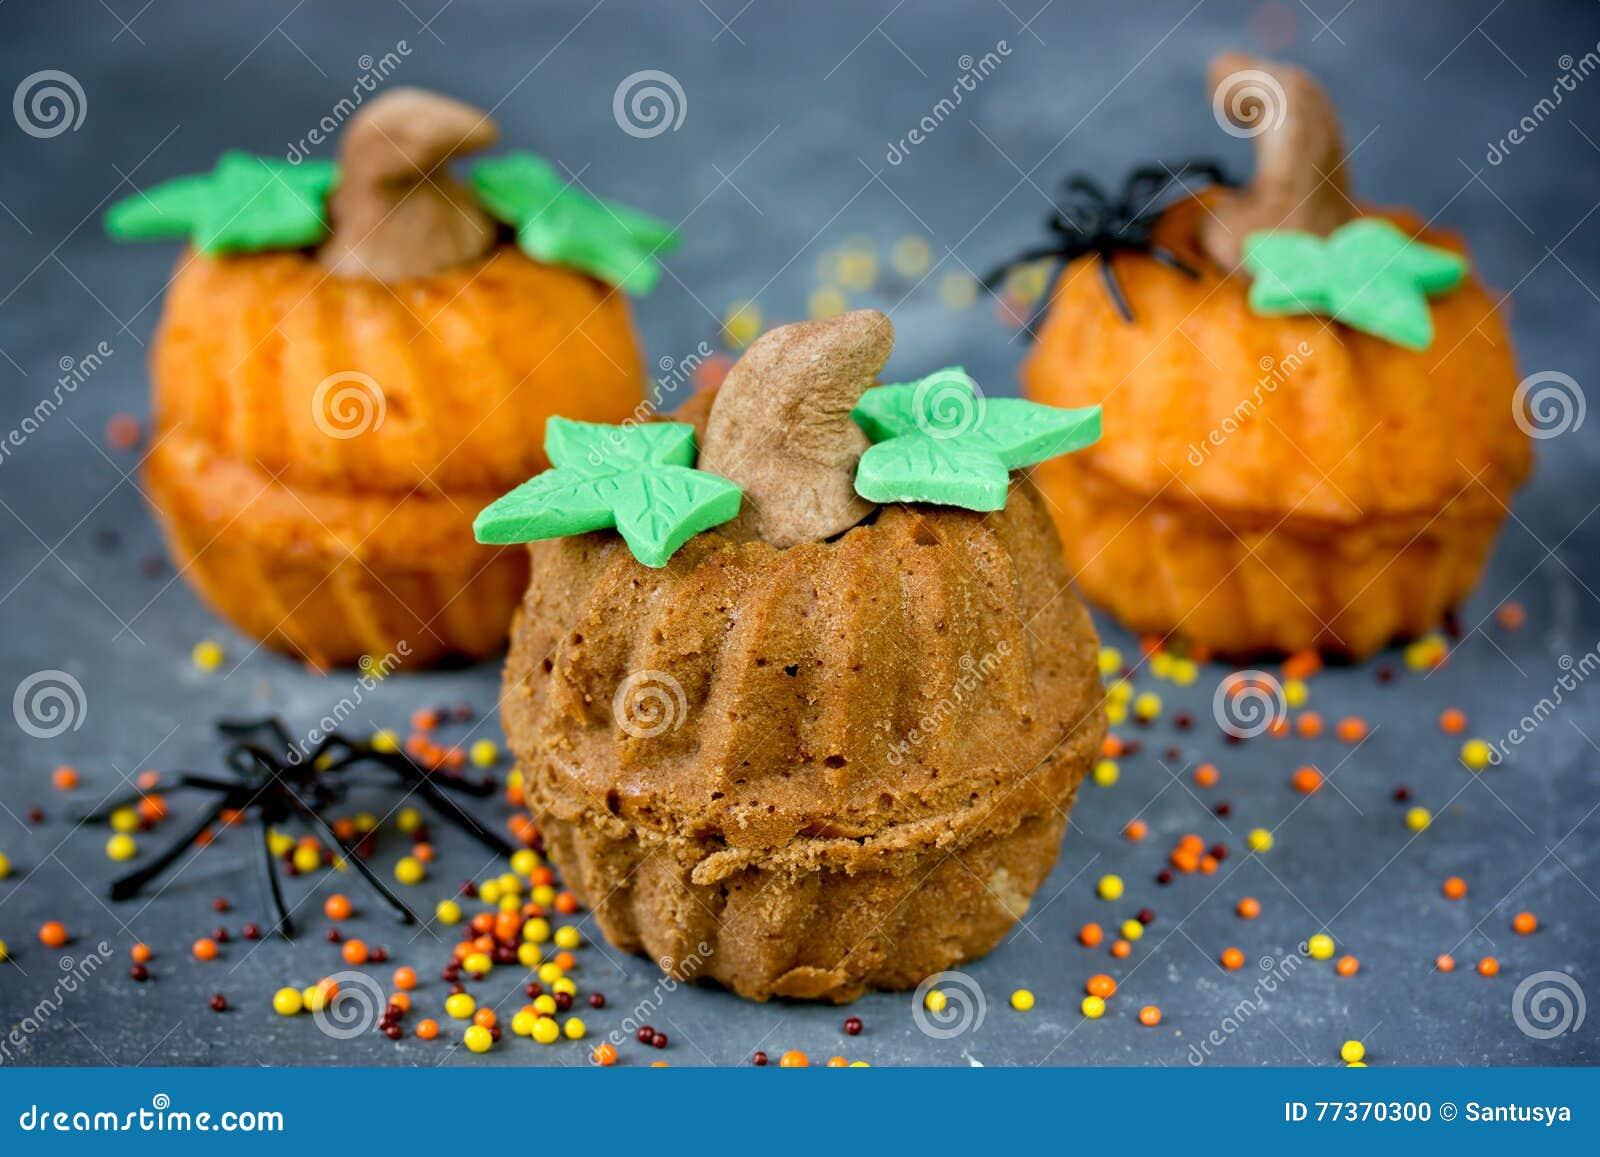 Halloween Kurbiskleine Kuchen Lustig Und Gesunde Susse